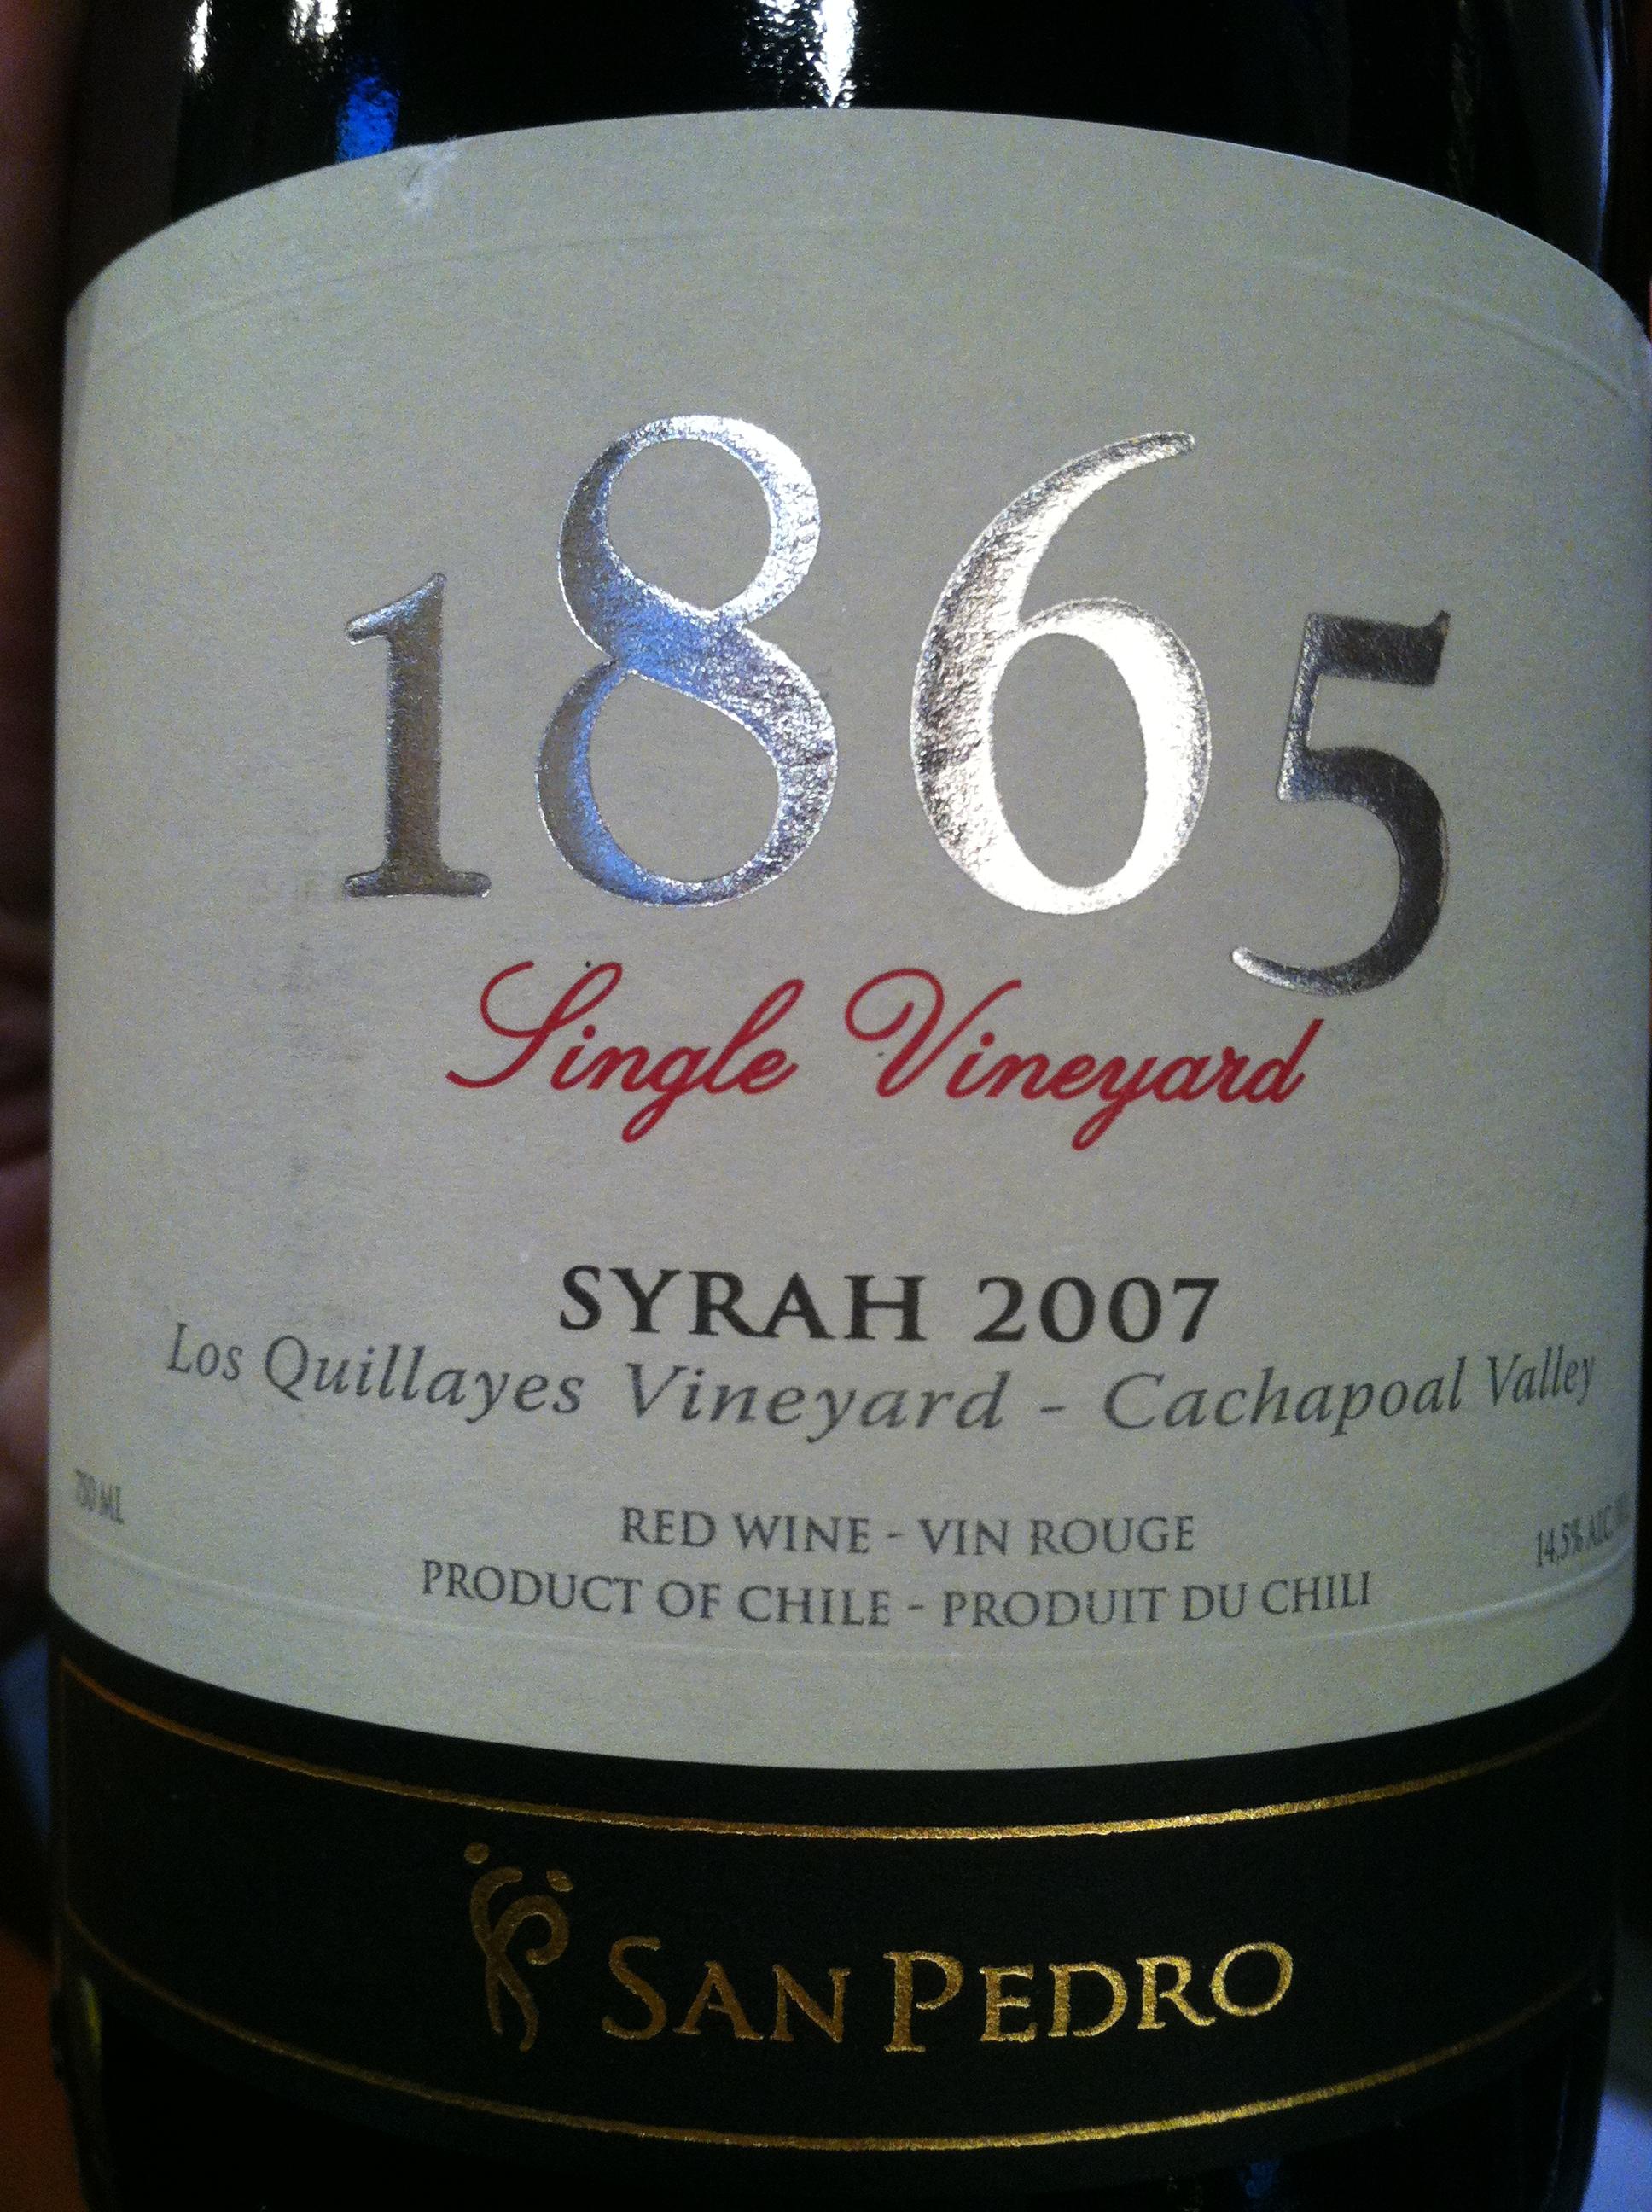 圣派德罗1865西拉干红Vina San Pedro 1865 Single Vineyard Syrah